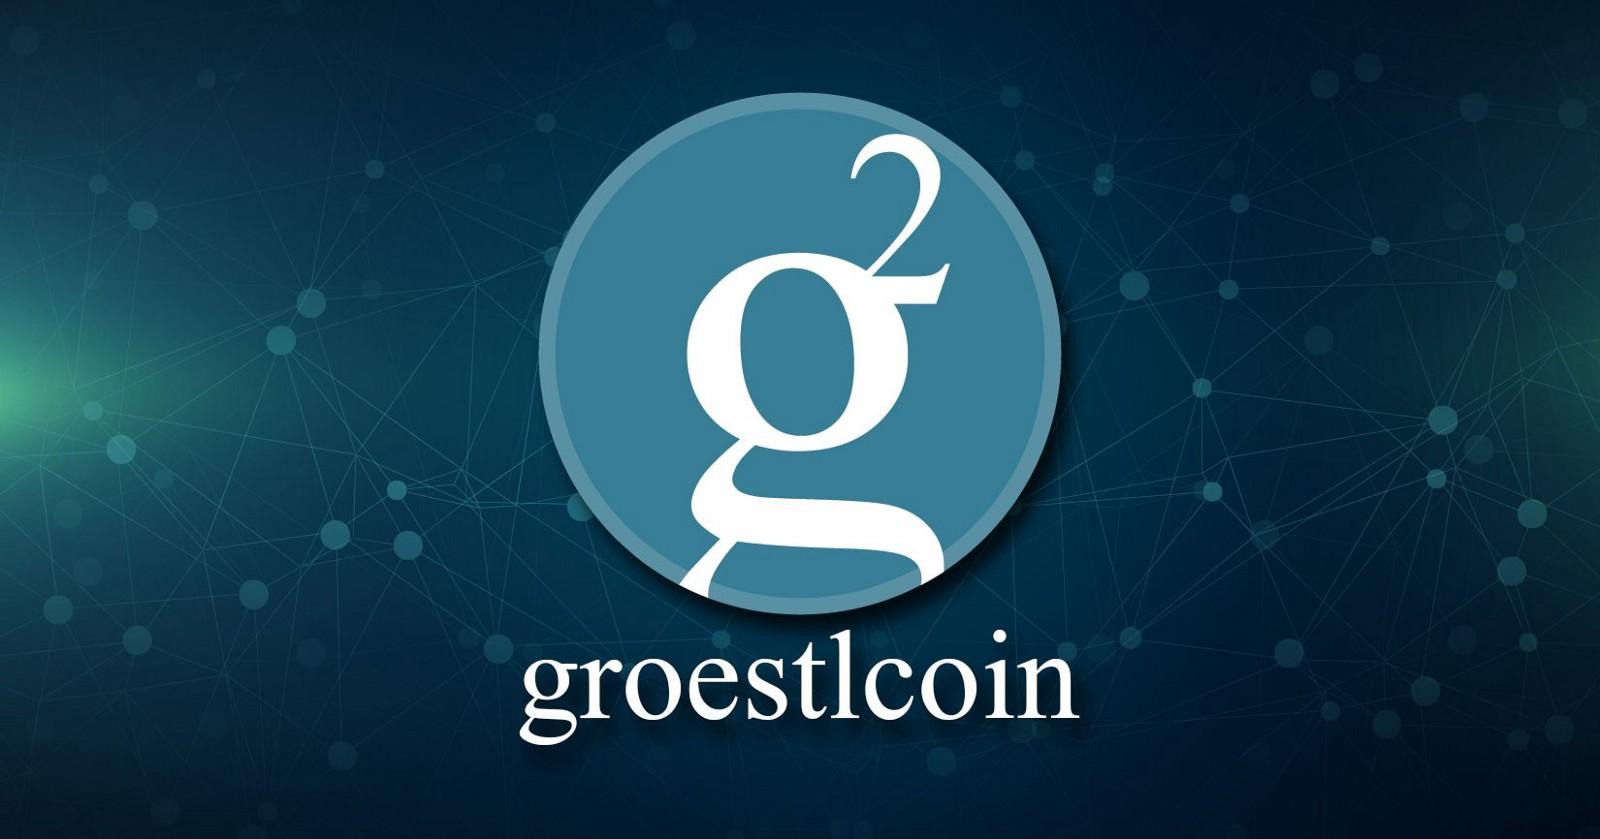 100 Photos of Groestlcoin